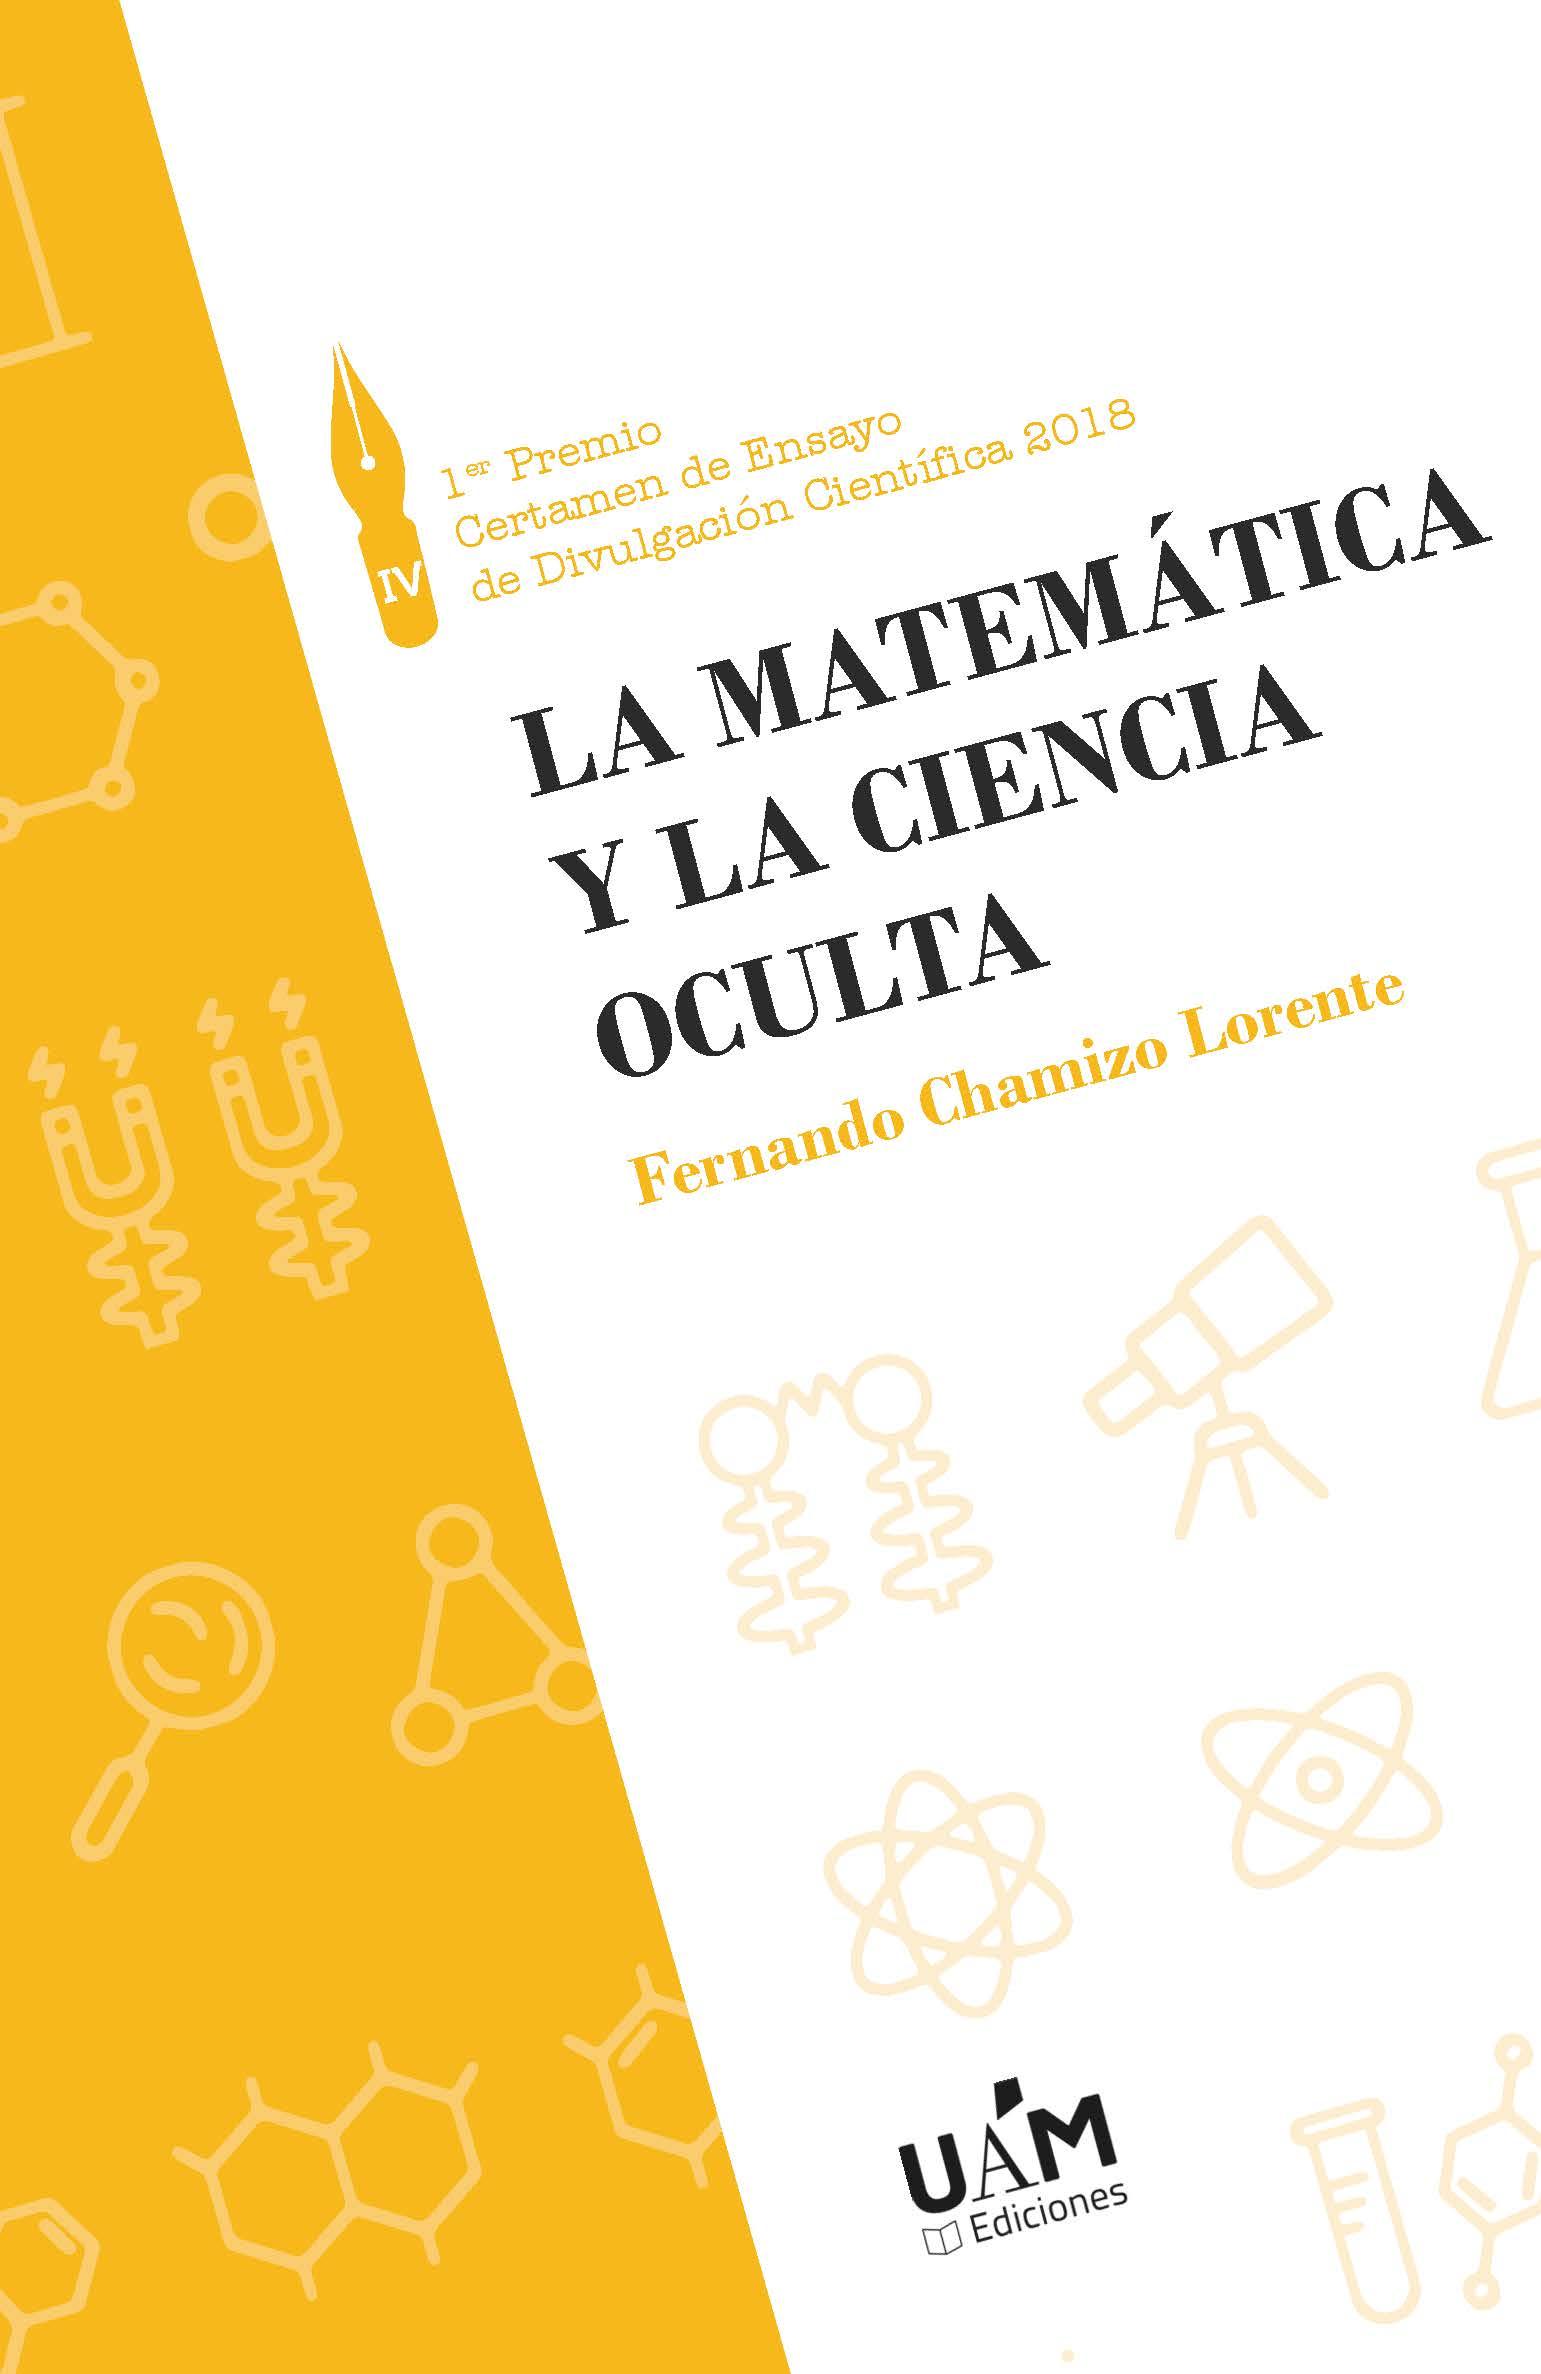 La matemática y la ciencia oculta